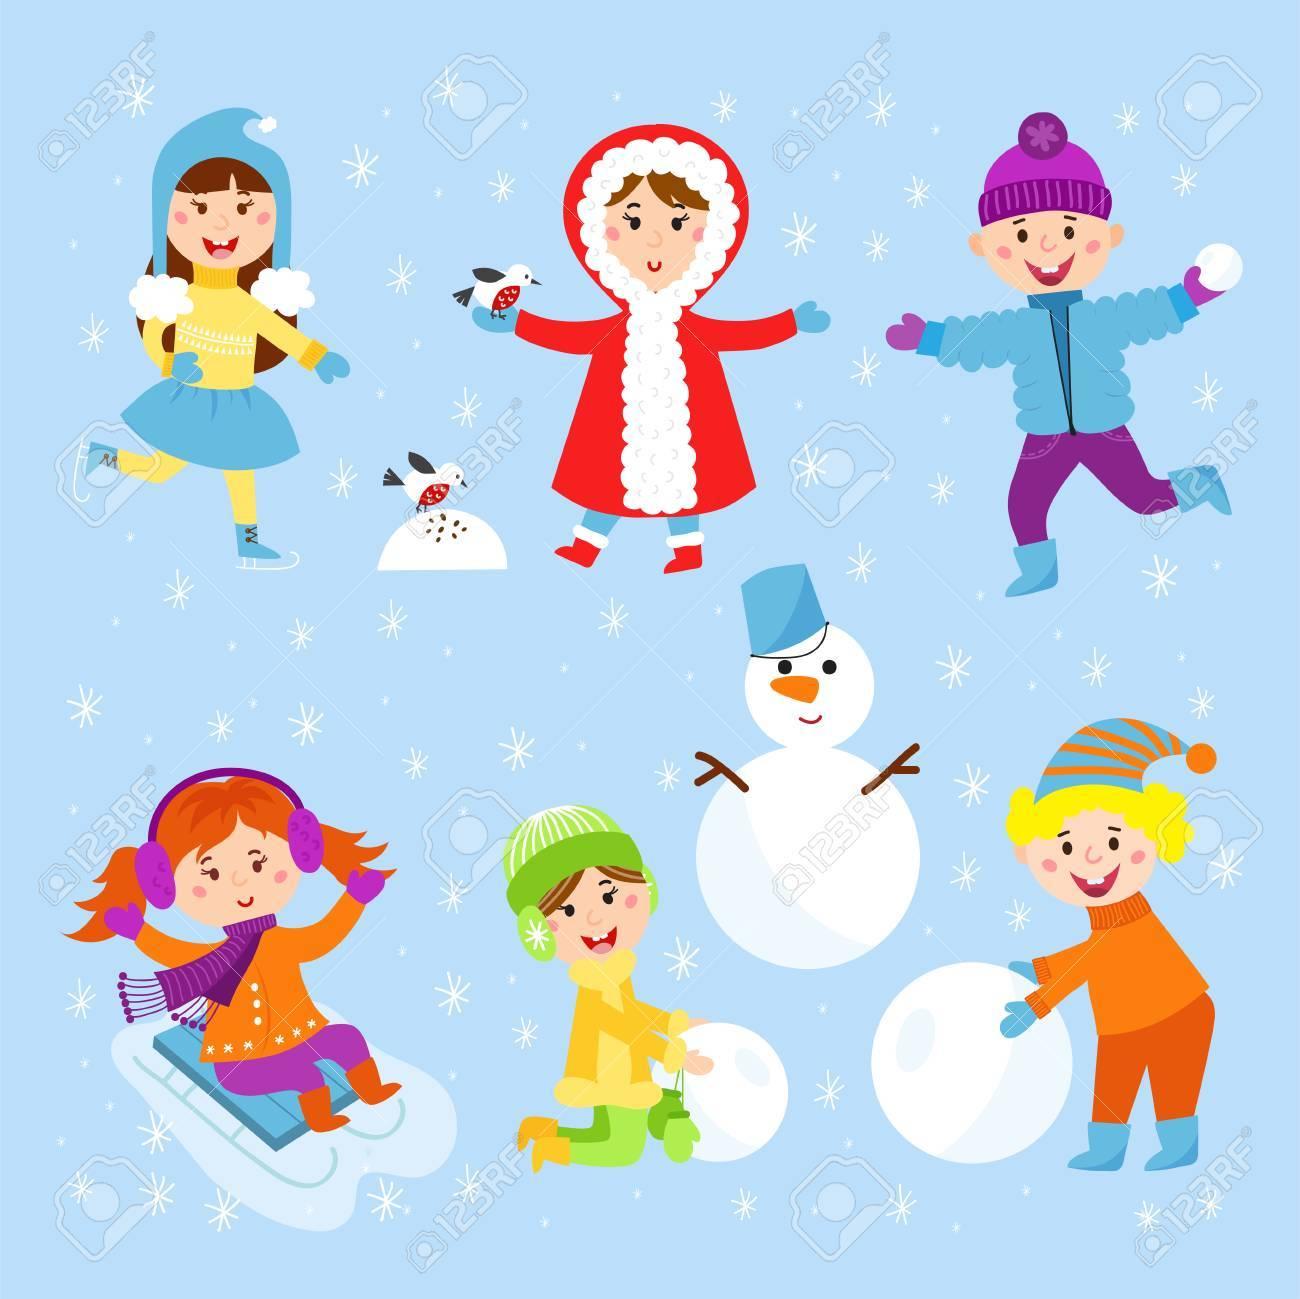 クリスマス キッズ冬ゲーム遊び漫画年末年始雪玉はベクトル文字の